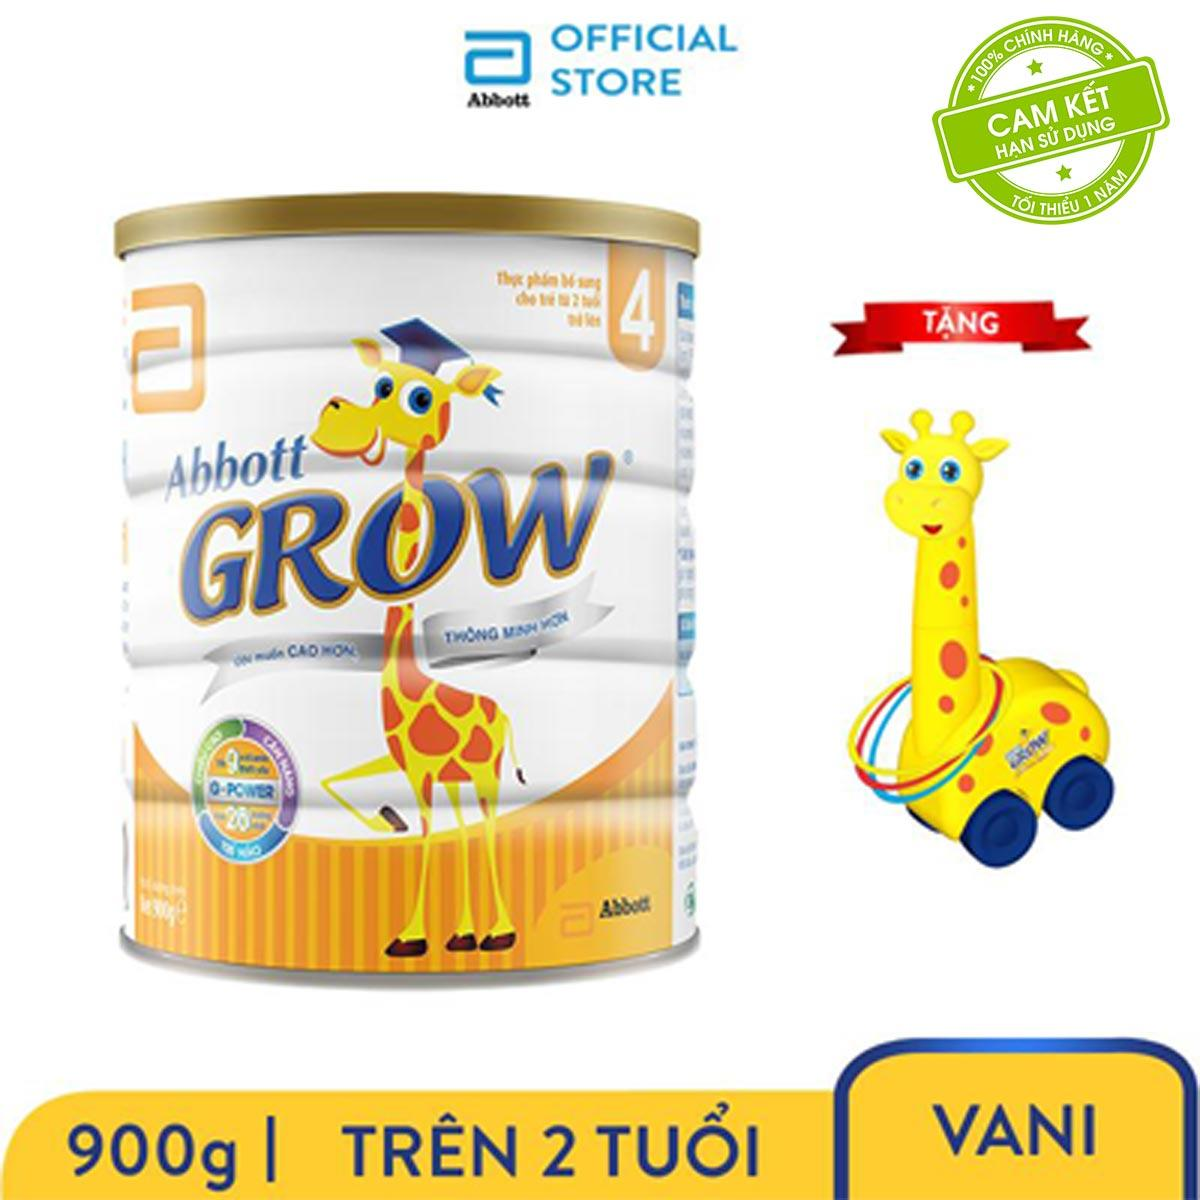 Bộ 1 Lon Sữa Bột Grow 4 900g Tặng Bộ Ném Vòng Hươu Grow Có Giá Siêu Tốt